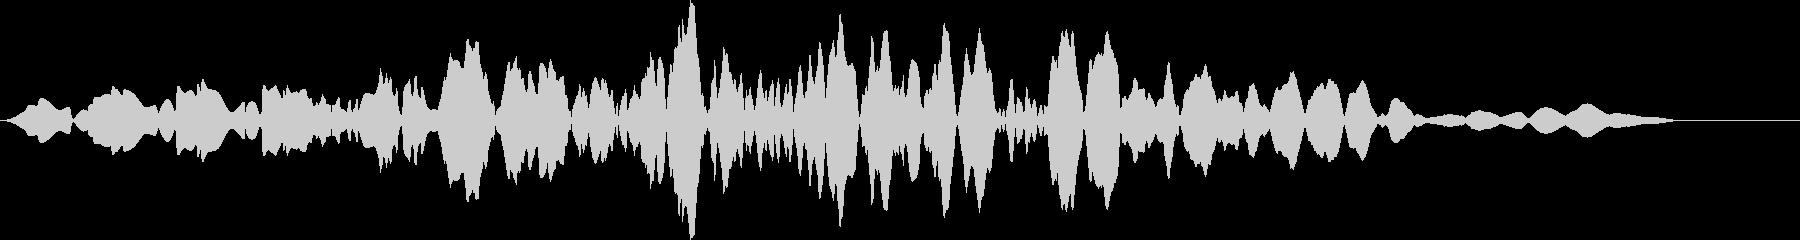 プオッ(スコアカウンター・お知らせ音)の未再生の波形